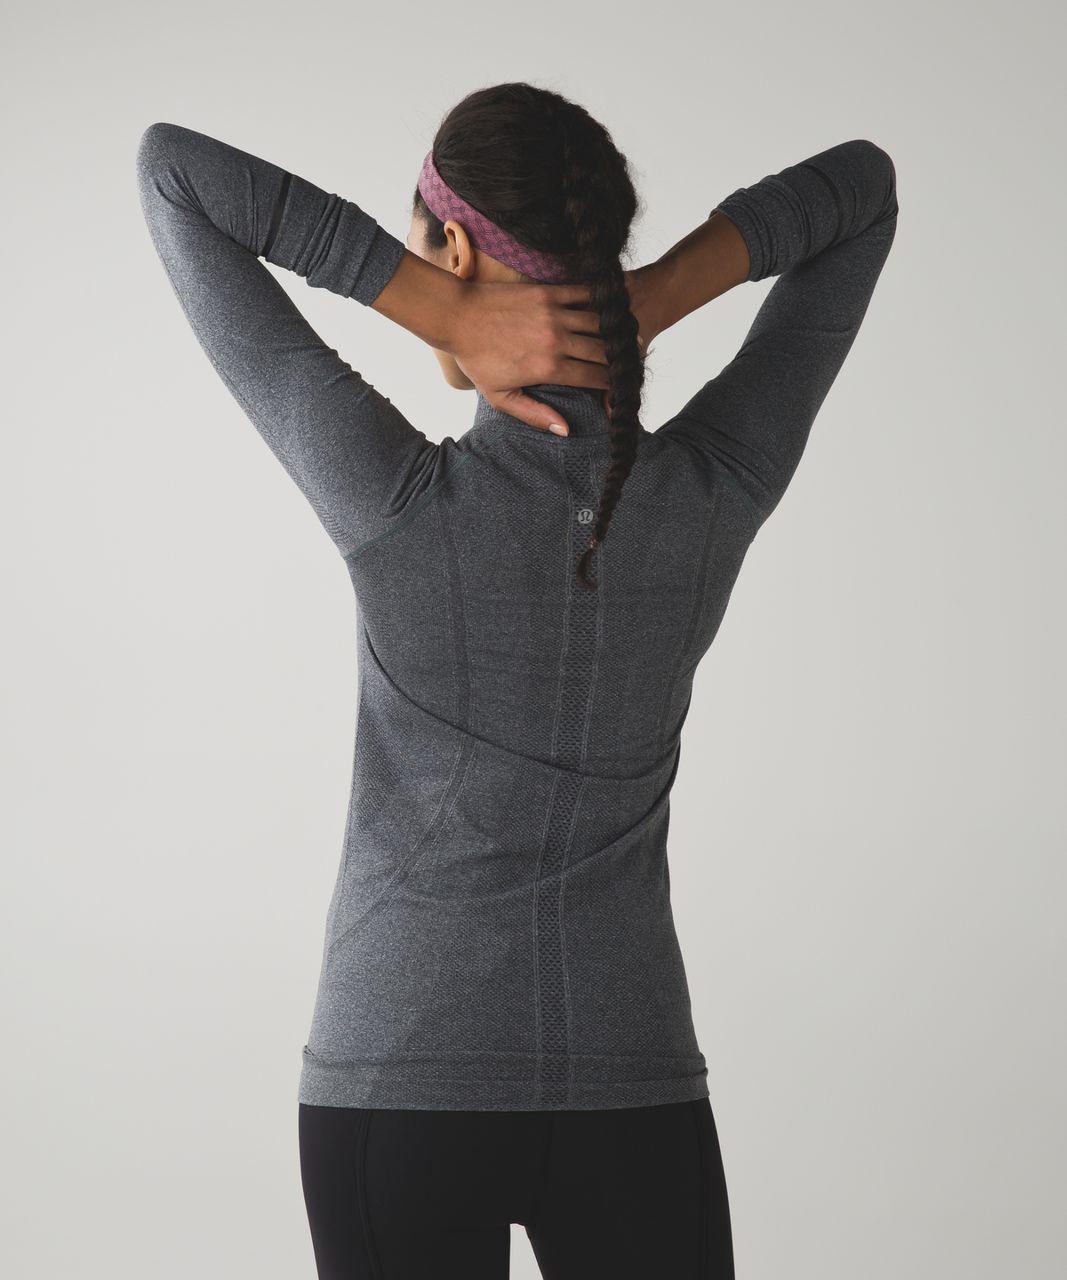 Lululemon Cardio Cross Trainer Headband - Heathered Jewelled Magenta (Print)